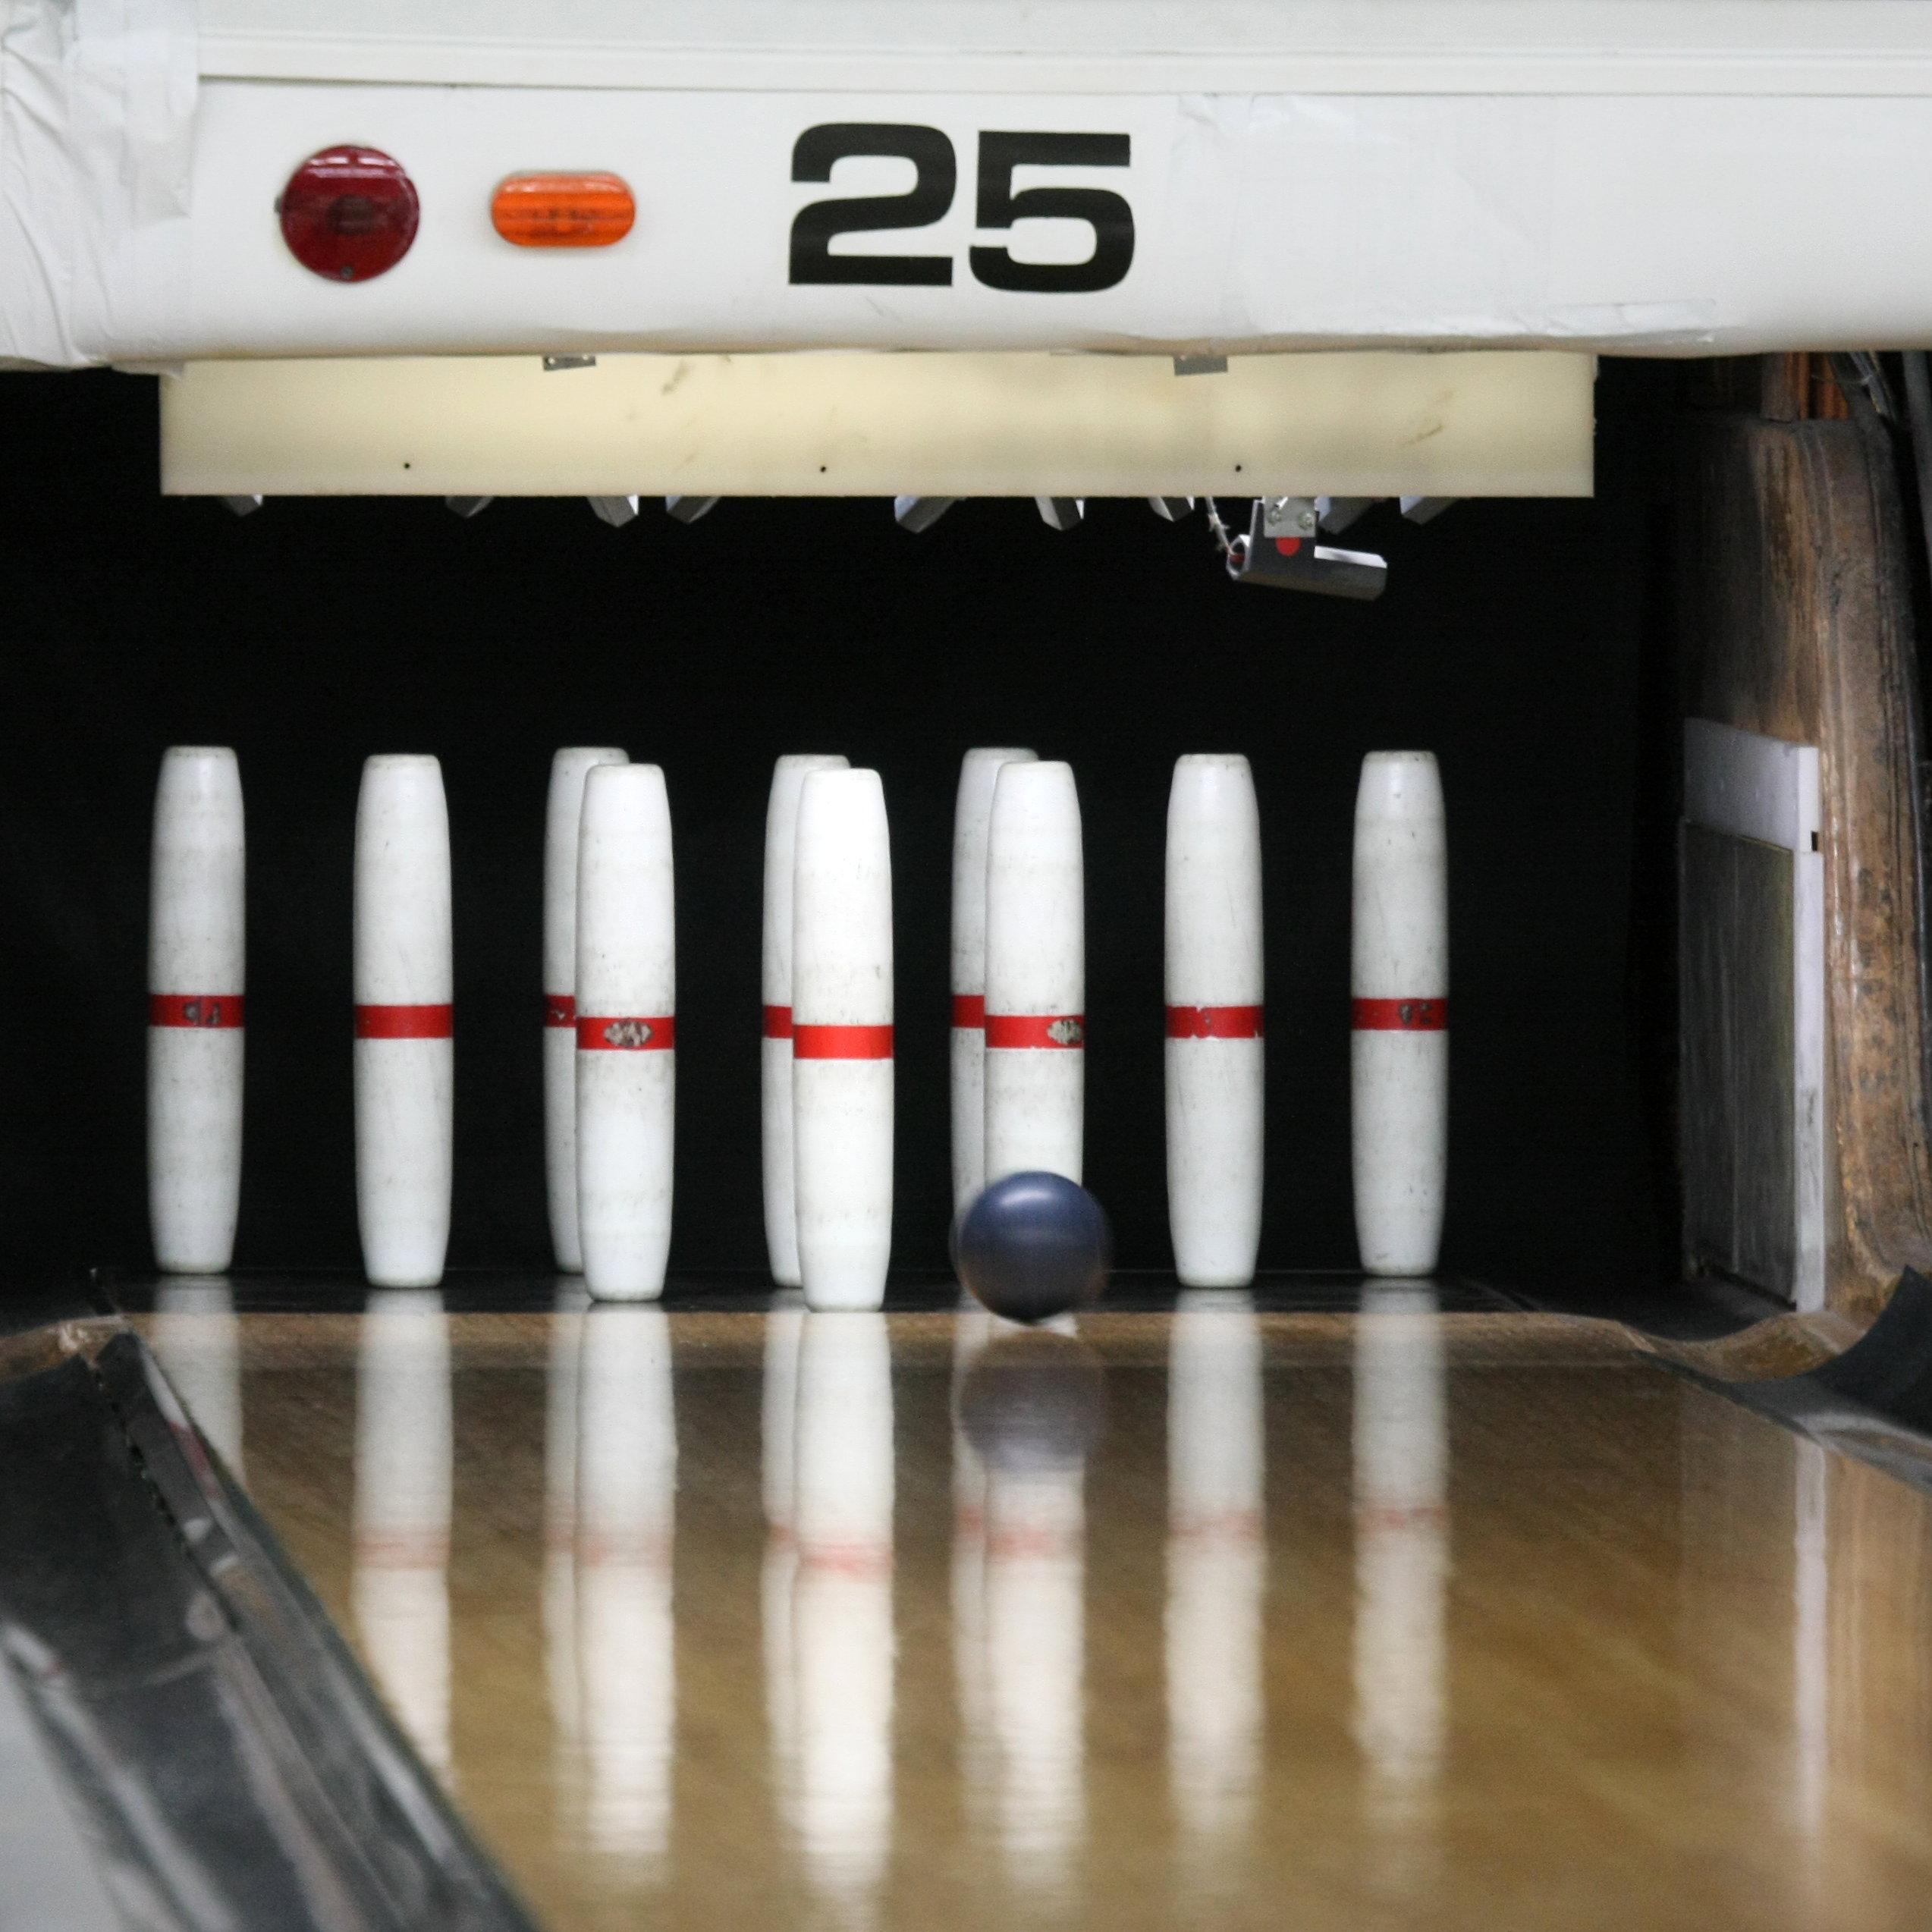 Candlepin-bowling-usa-lane25-rs